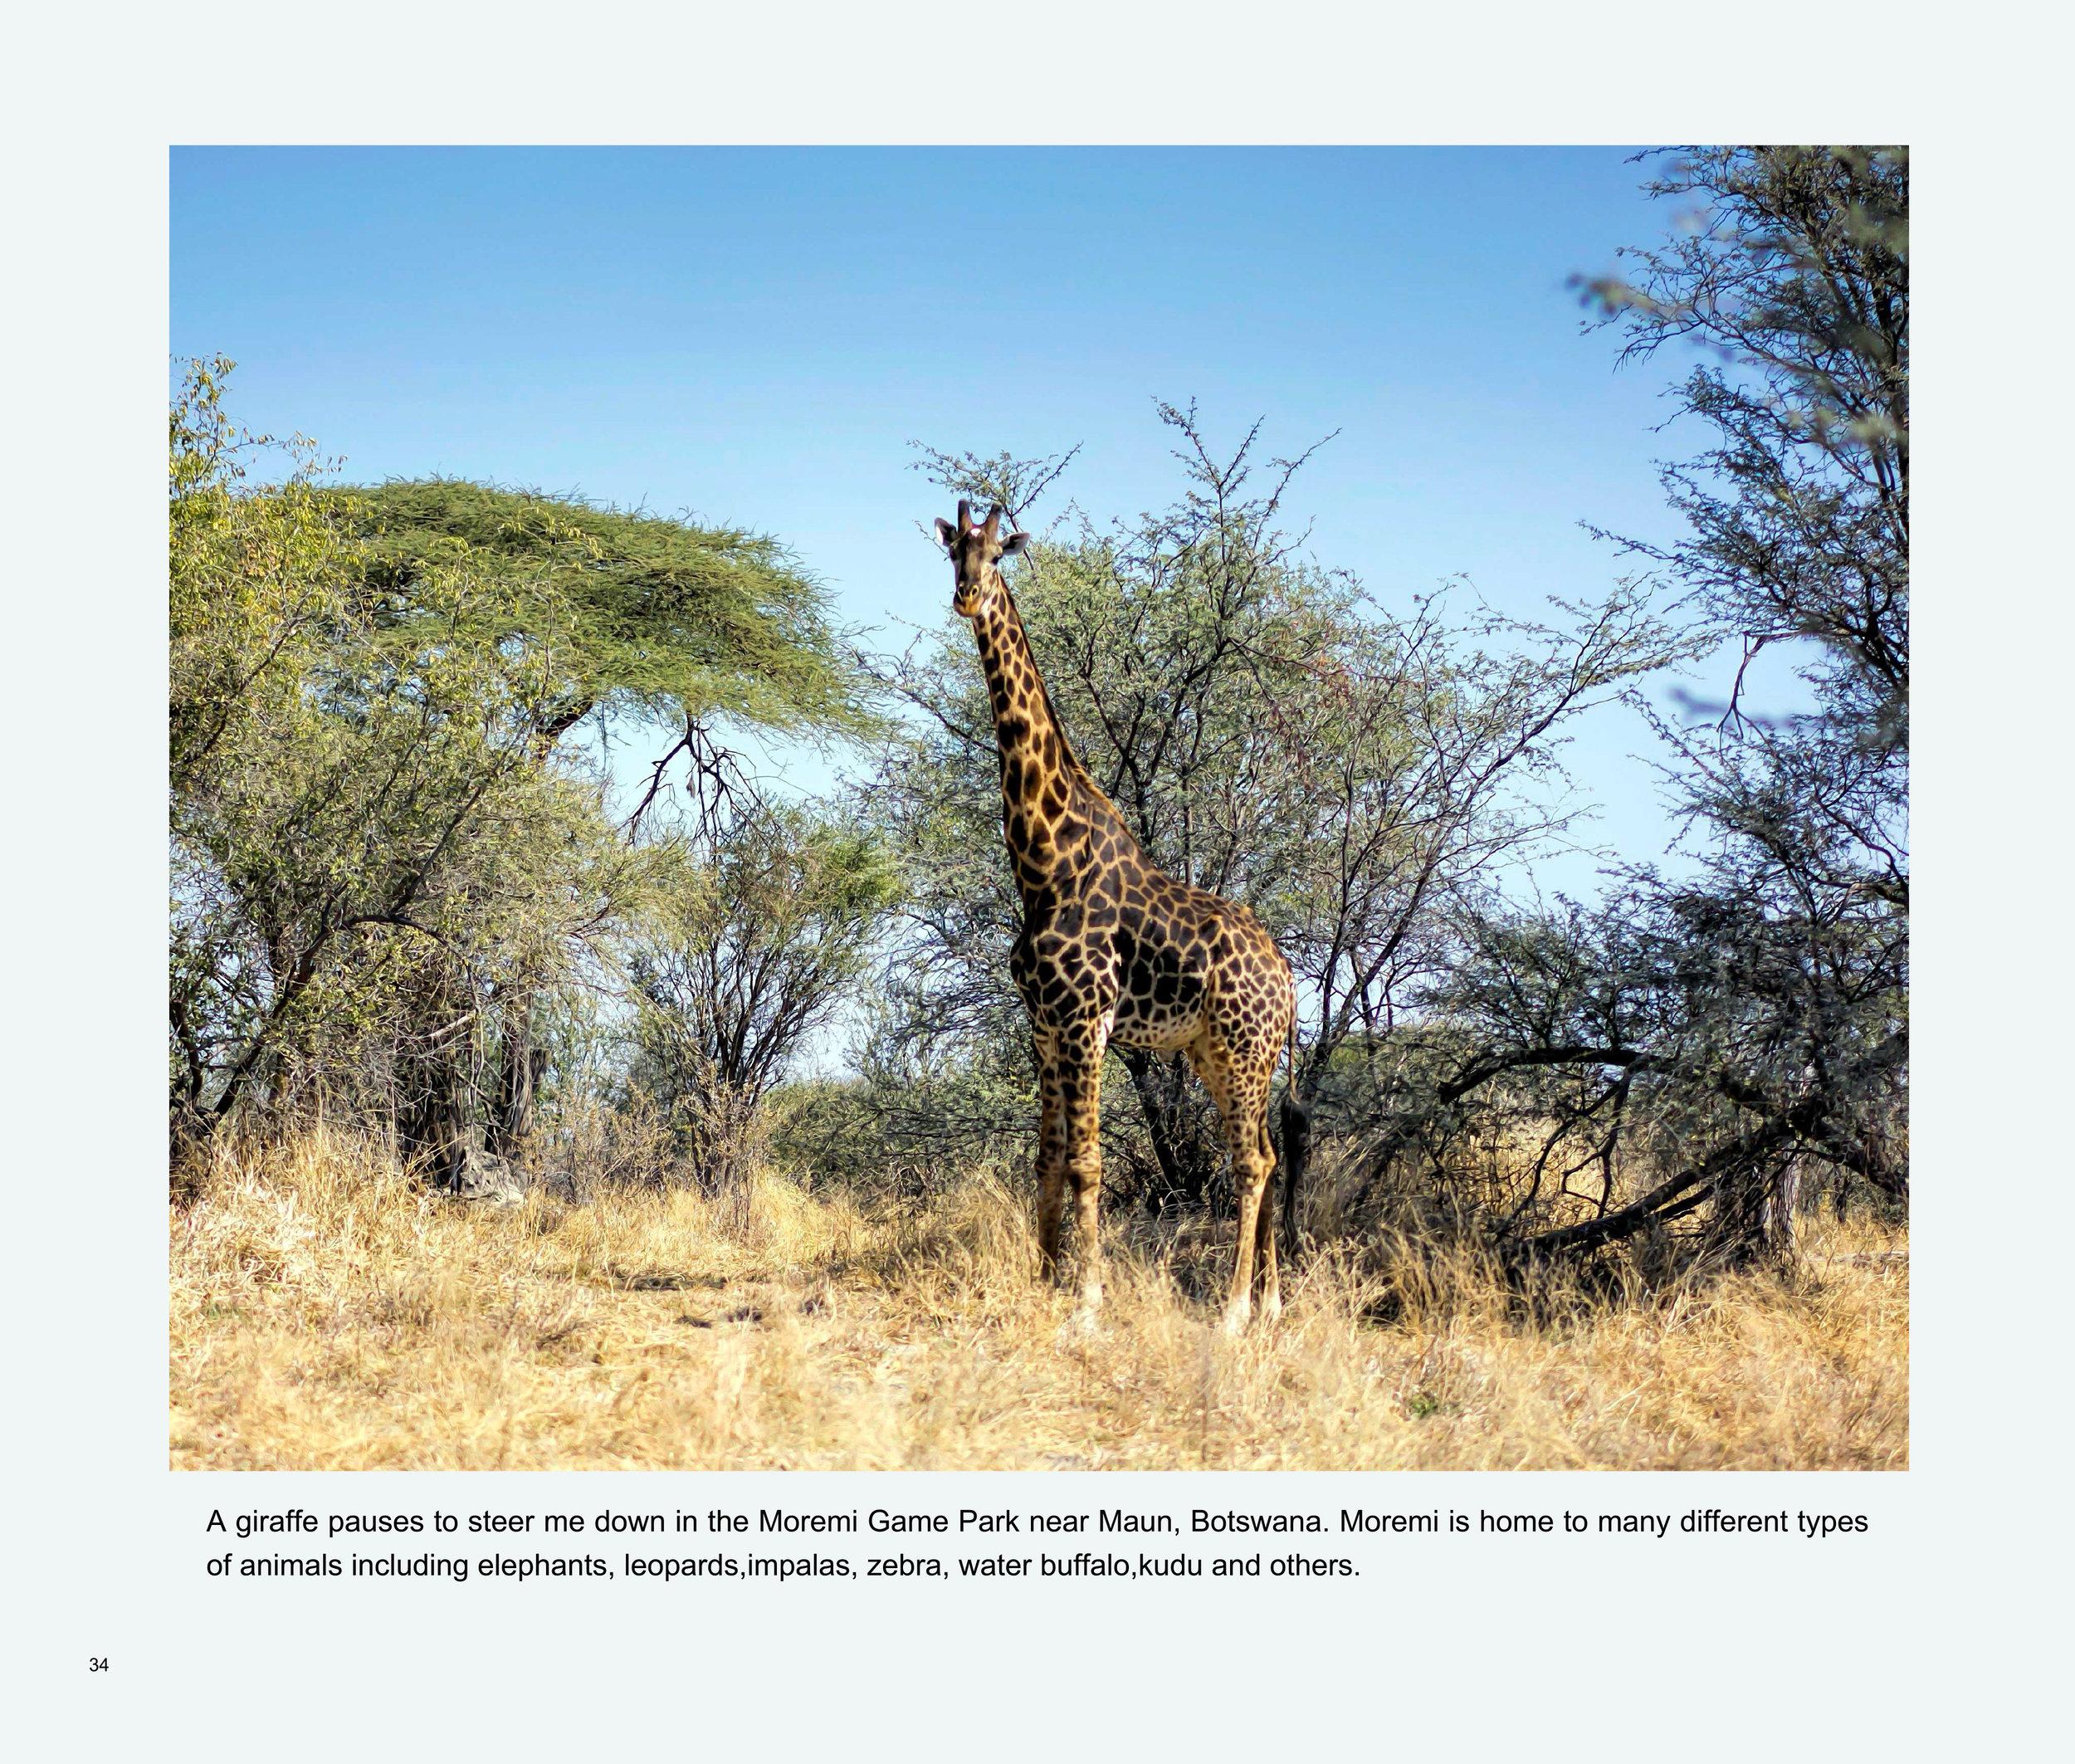 ImagesASouthernAfricaRoadTrip-36.jpg